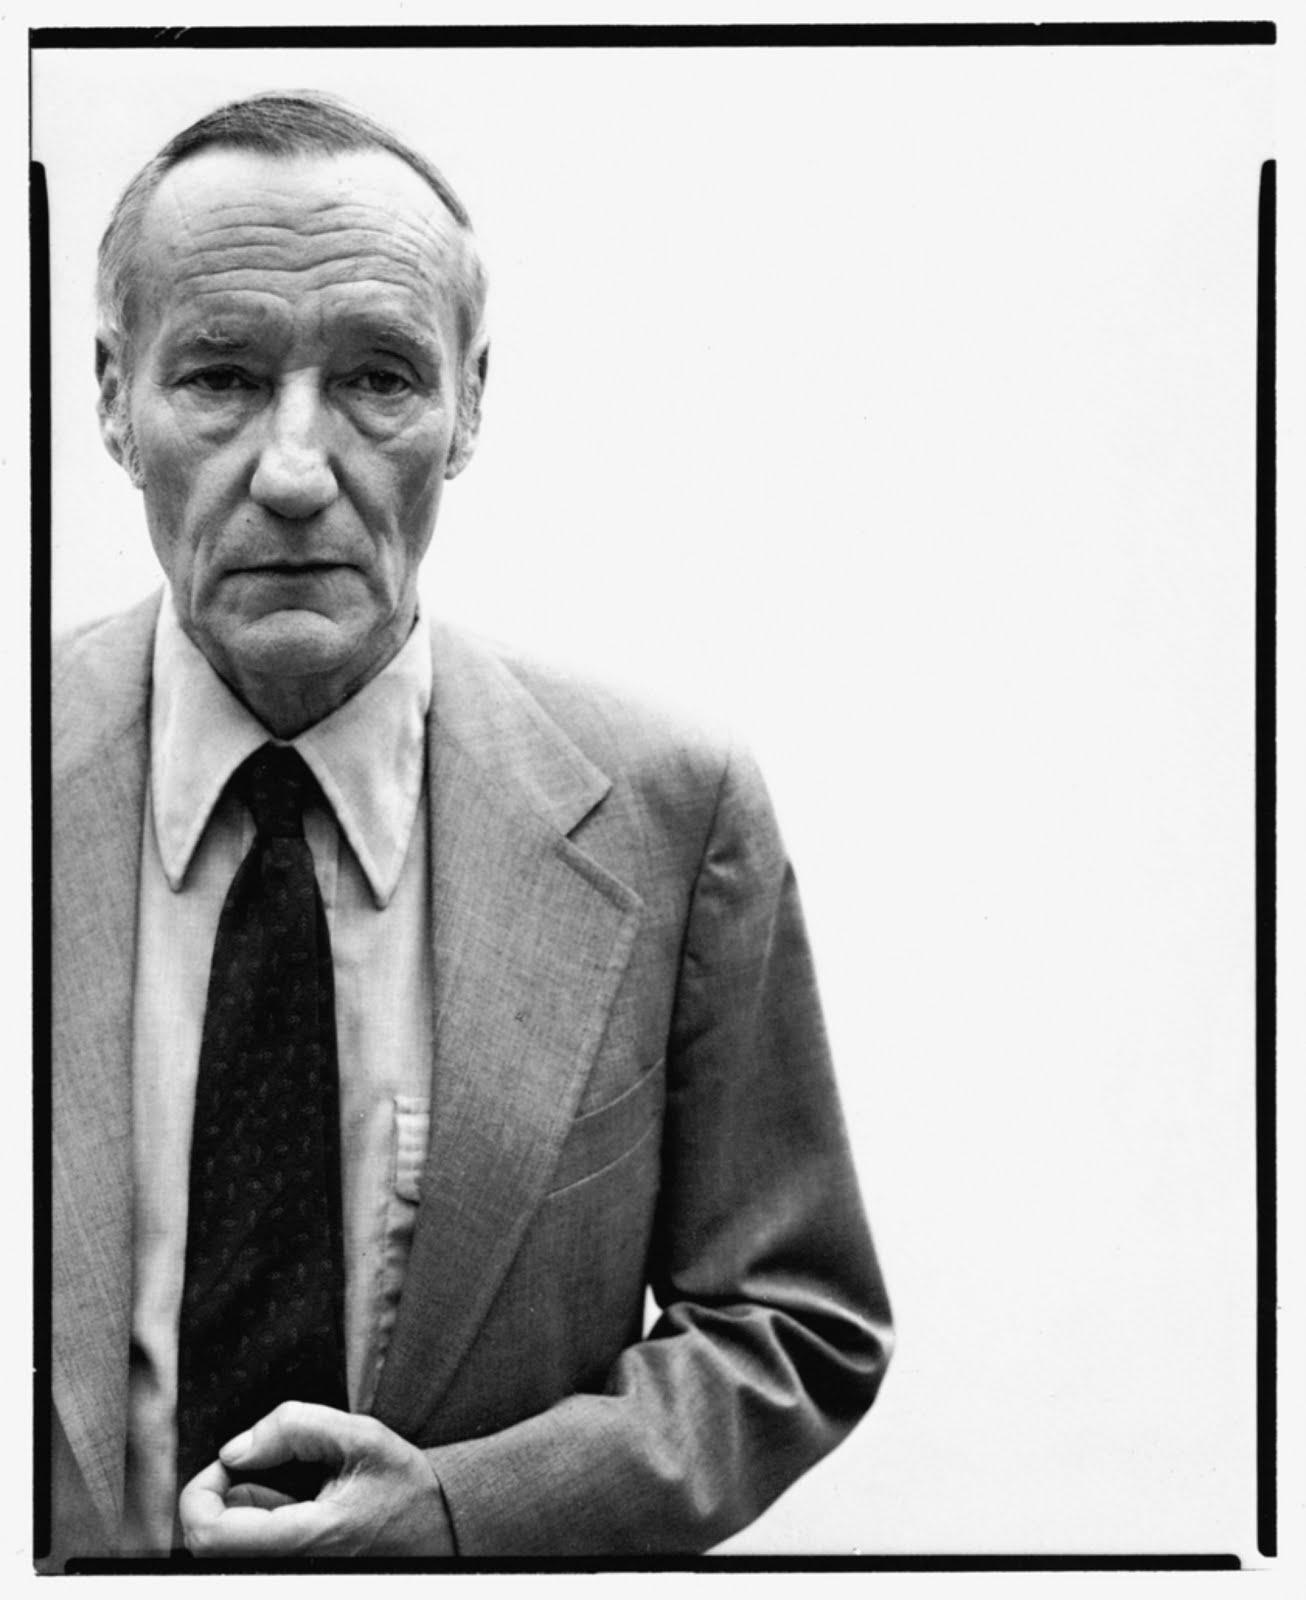 William S. Burroughs Net Worth